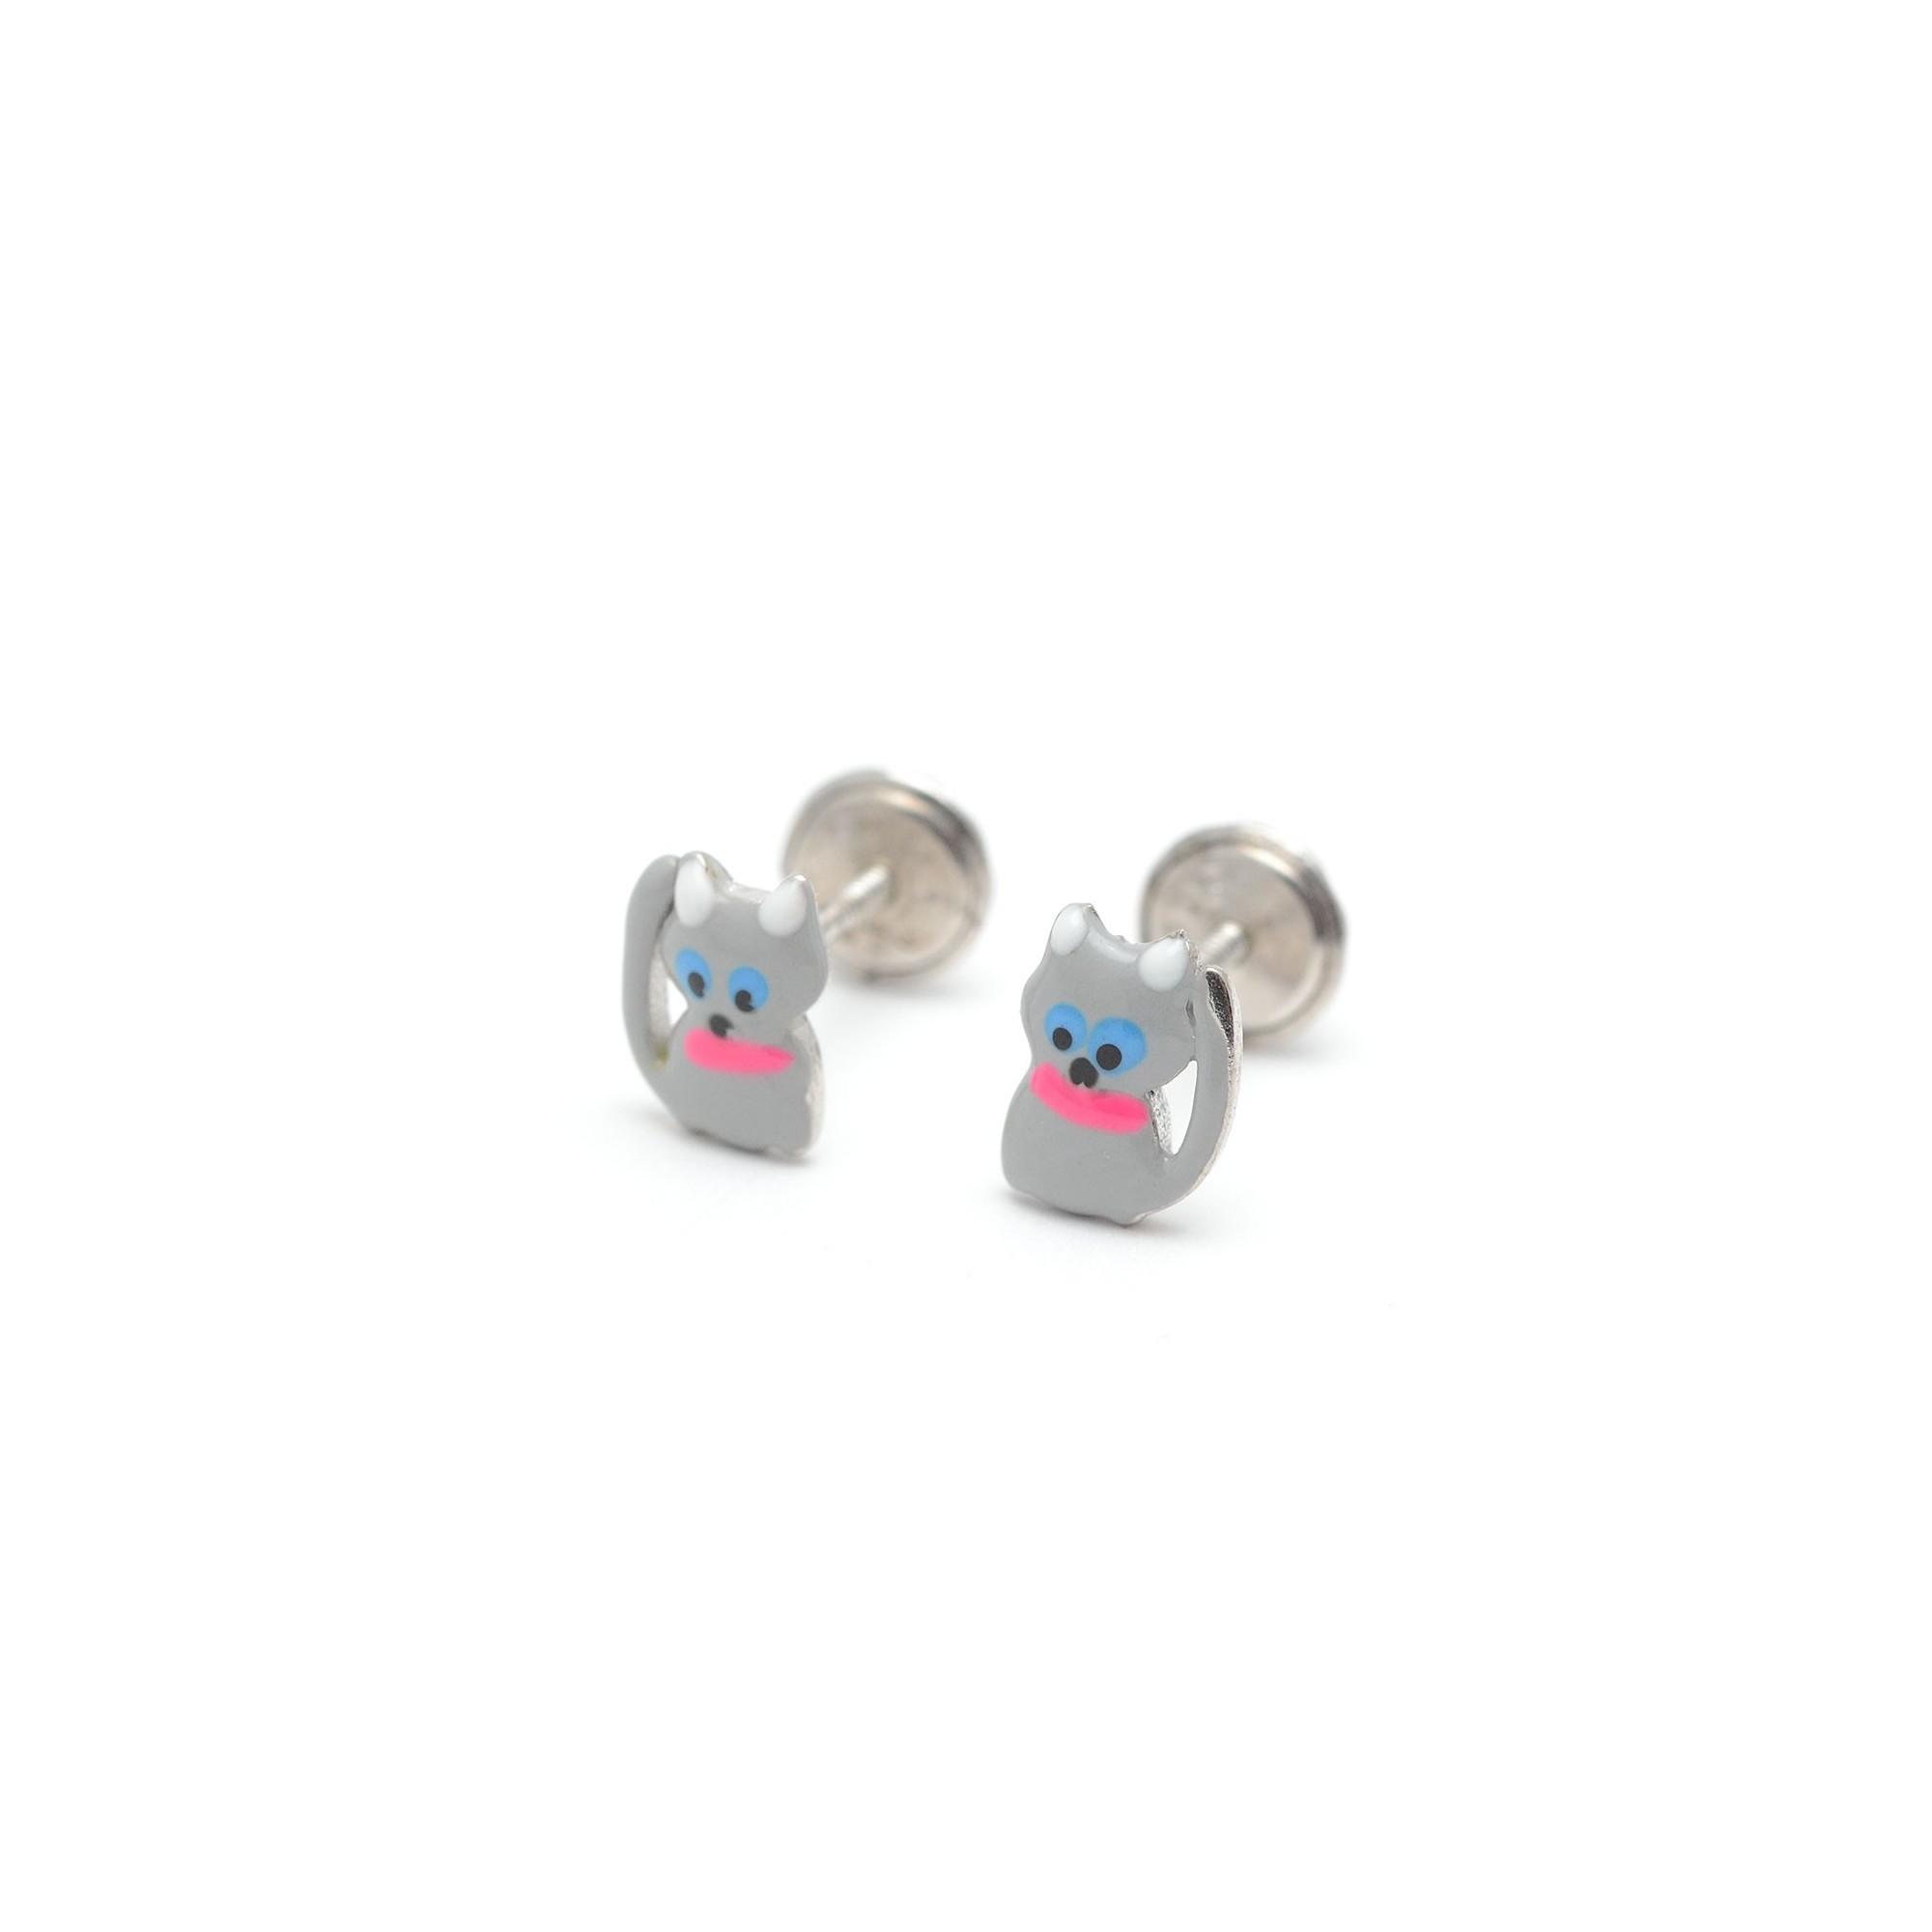 271f38cbf5b5 pendientes gato nina - Los pendientes con forma de animales